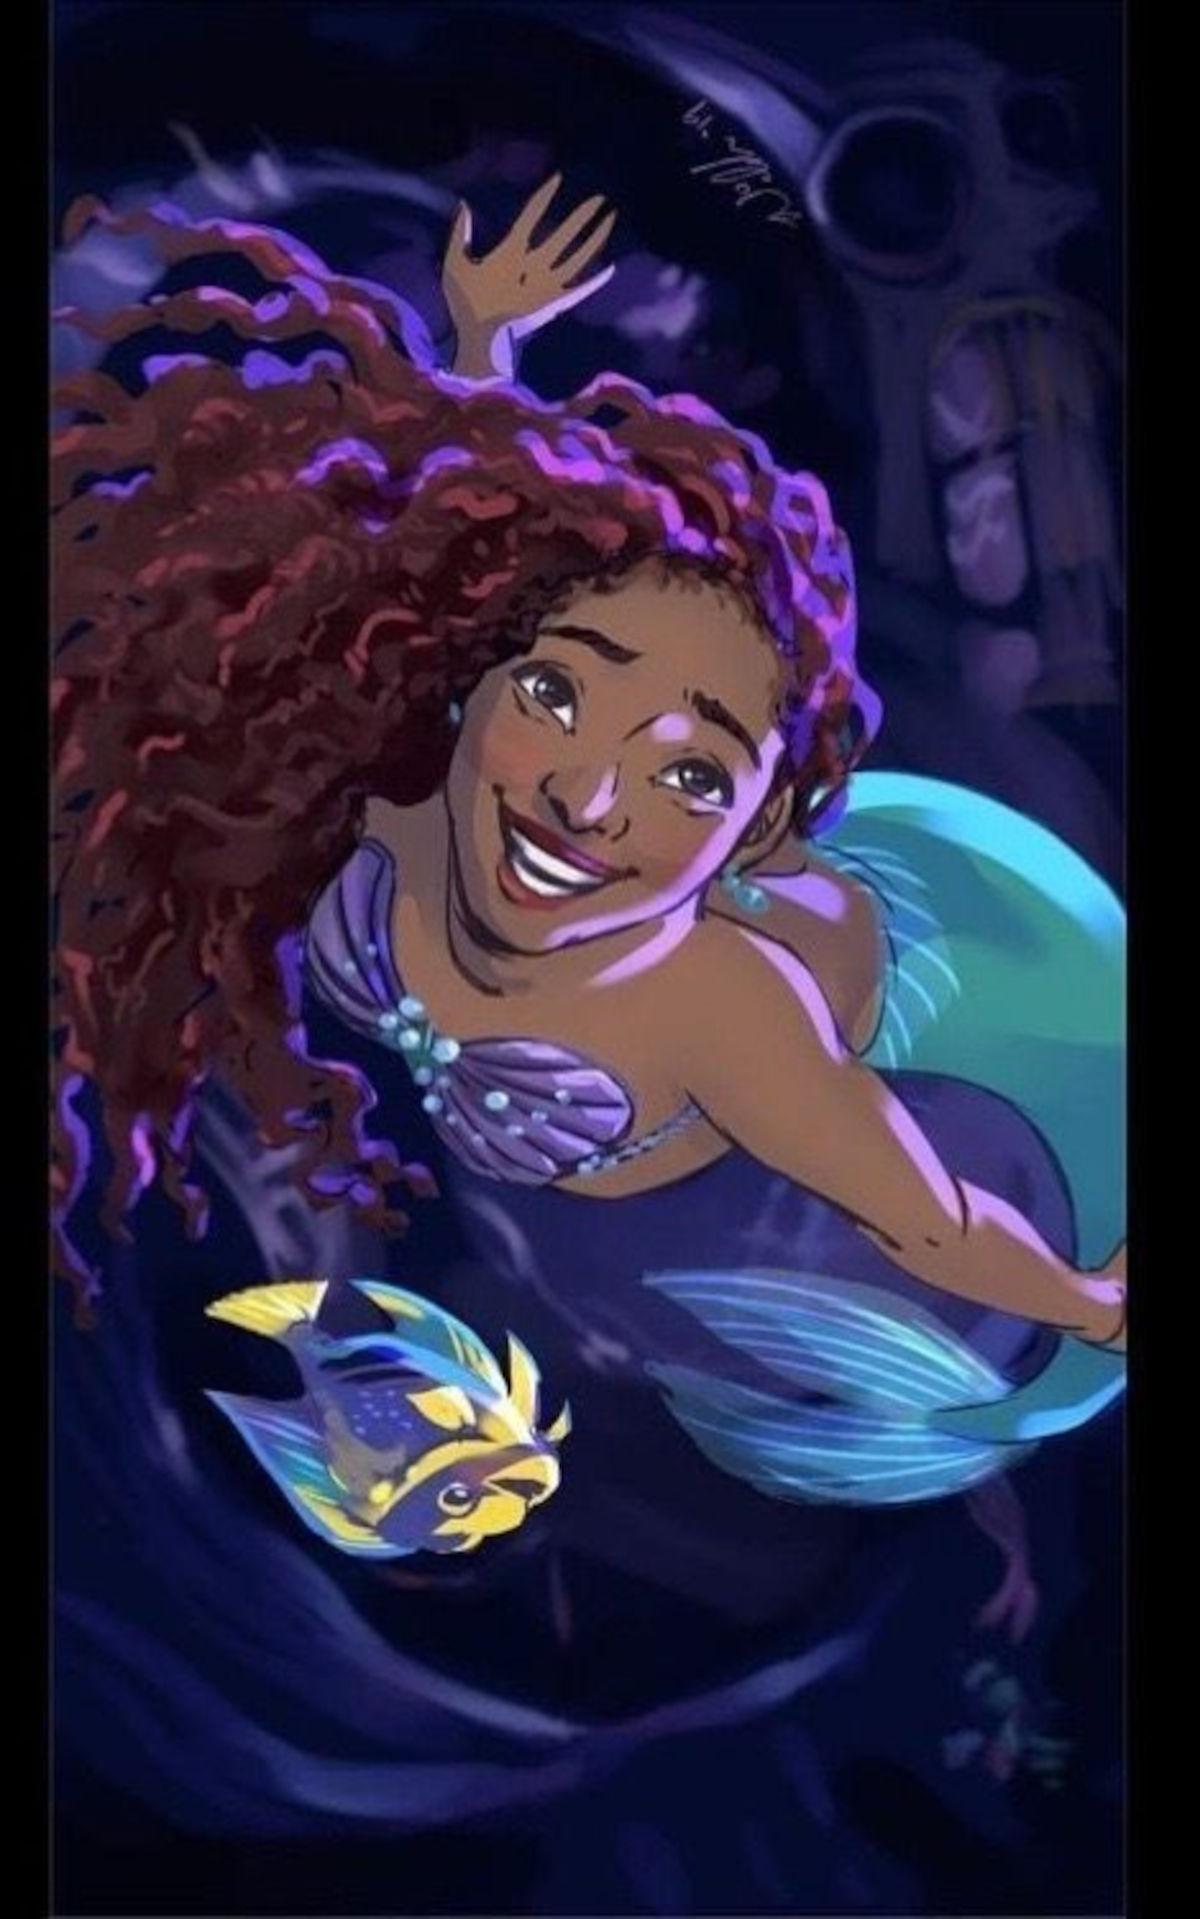 Revelan cómo se vería Halle Bailey como La Sirenita